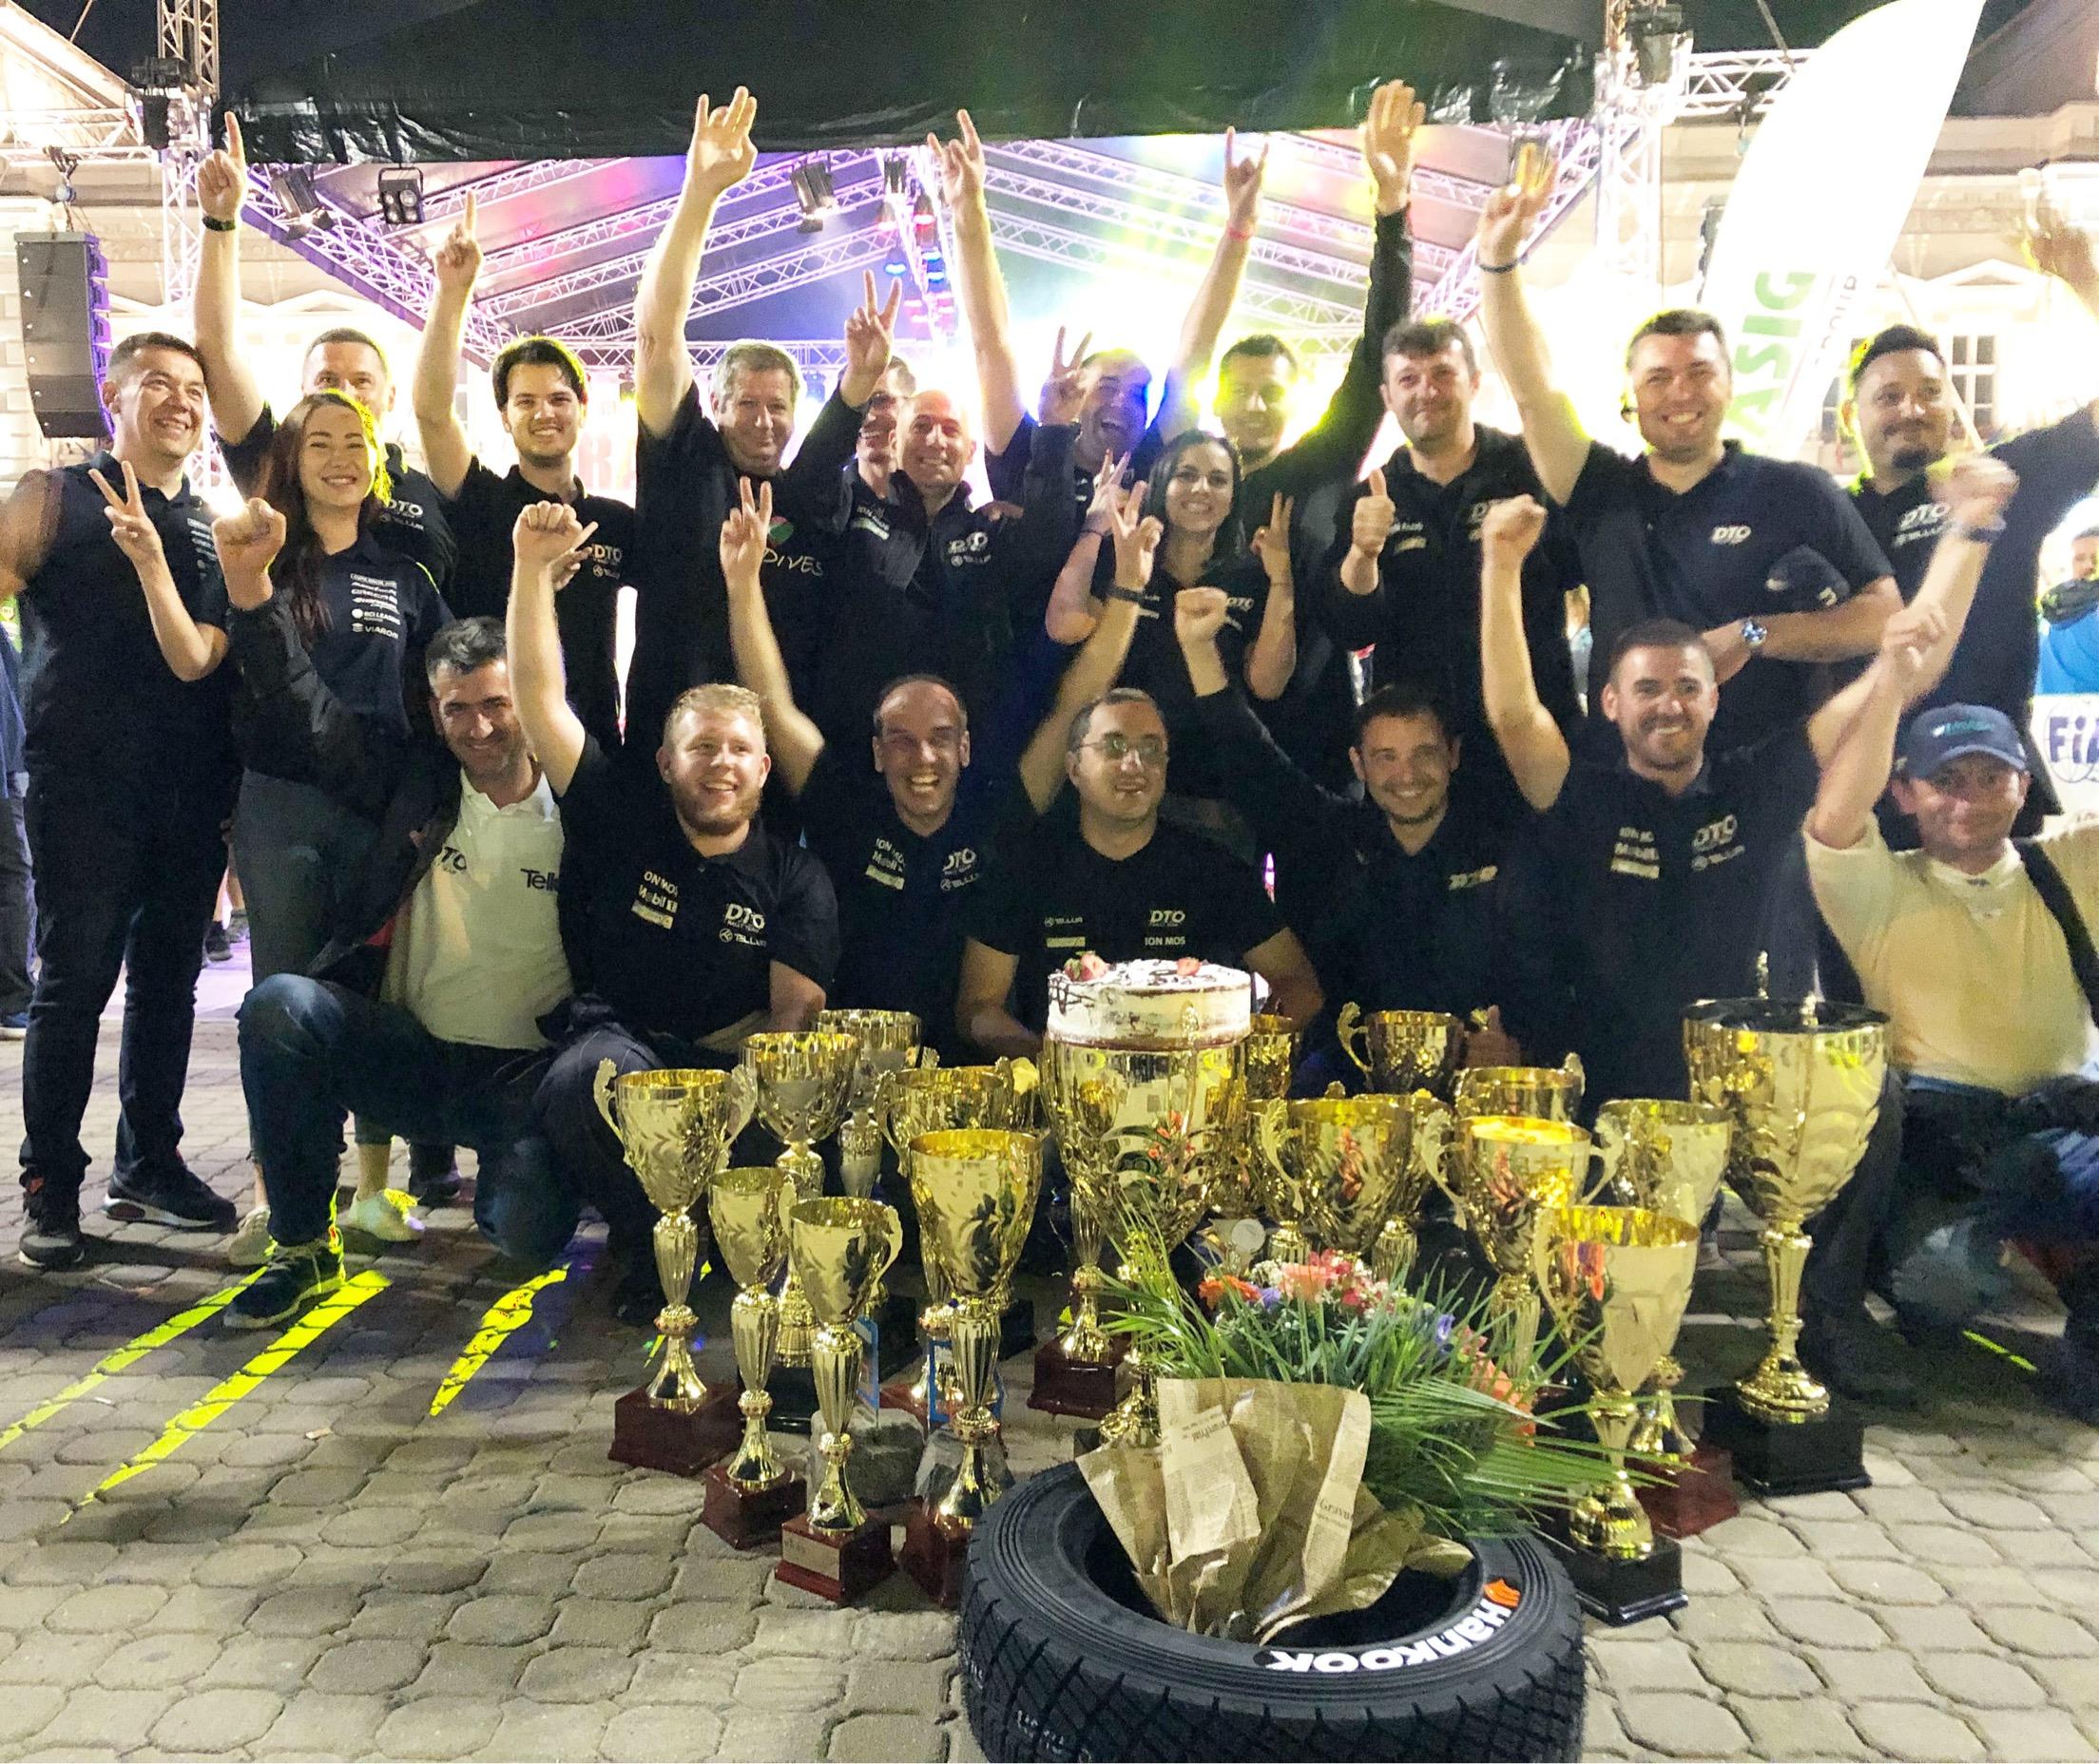 36CD5679-1B9F-41D8-B408-4E109A8B8343 Vali Porcișteanu și DTO Tellur Rally Team au găsit în Vest pepitele succesului